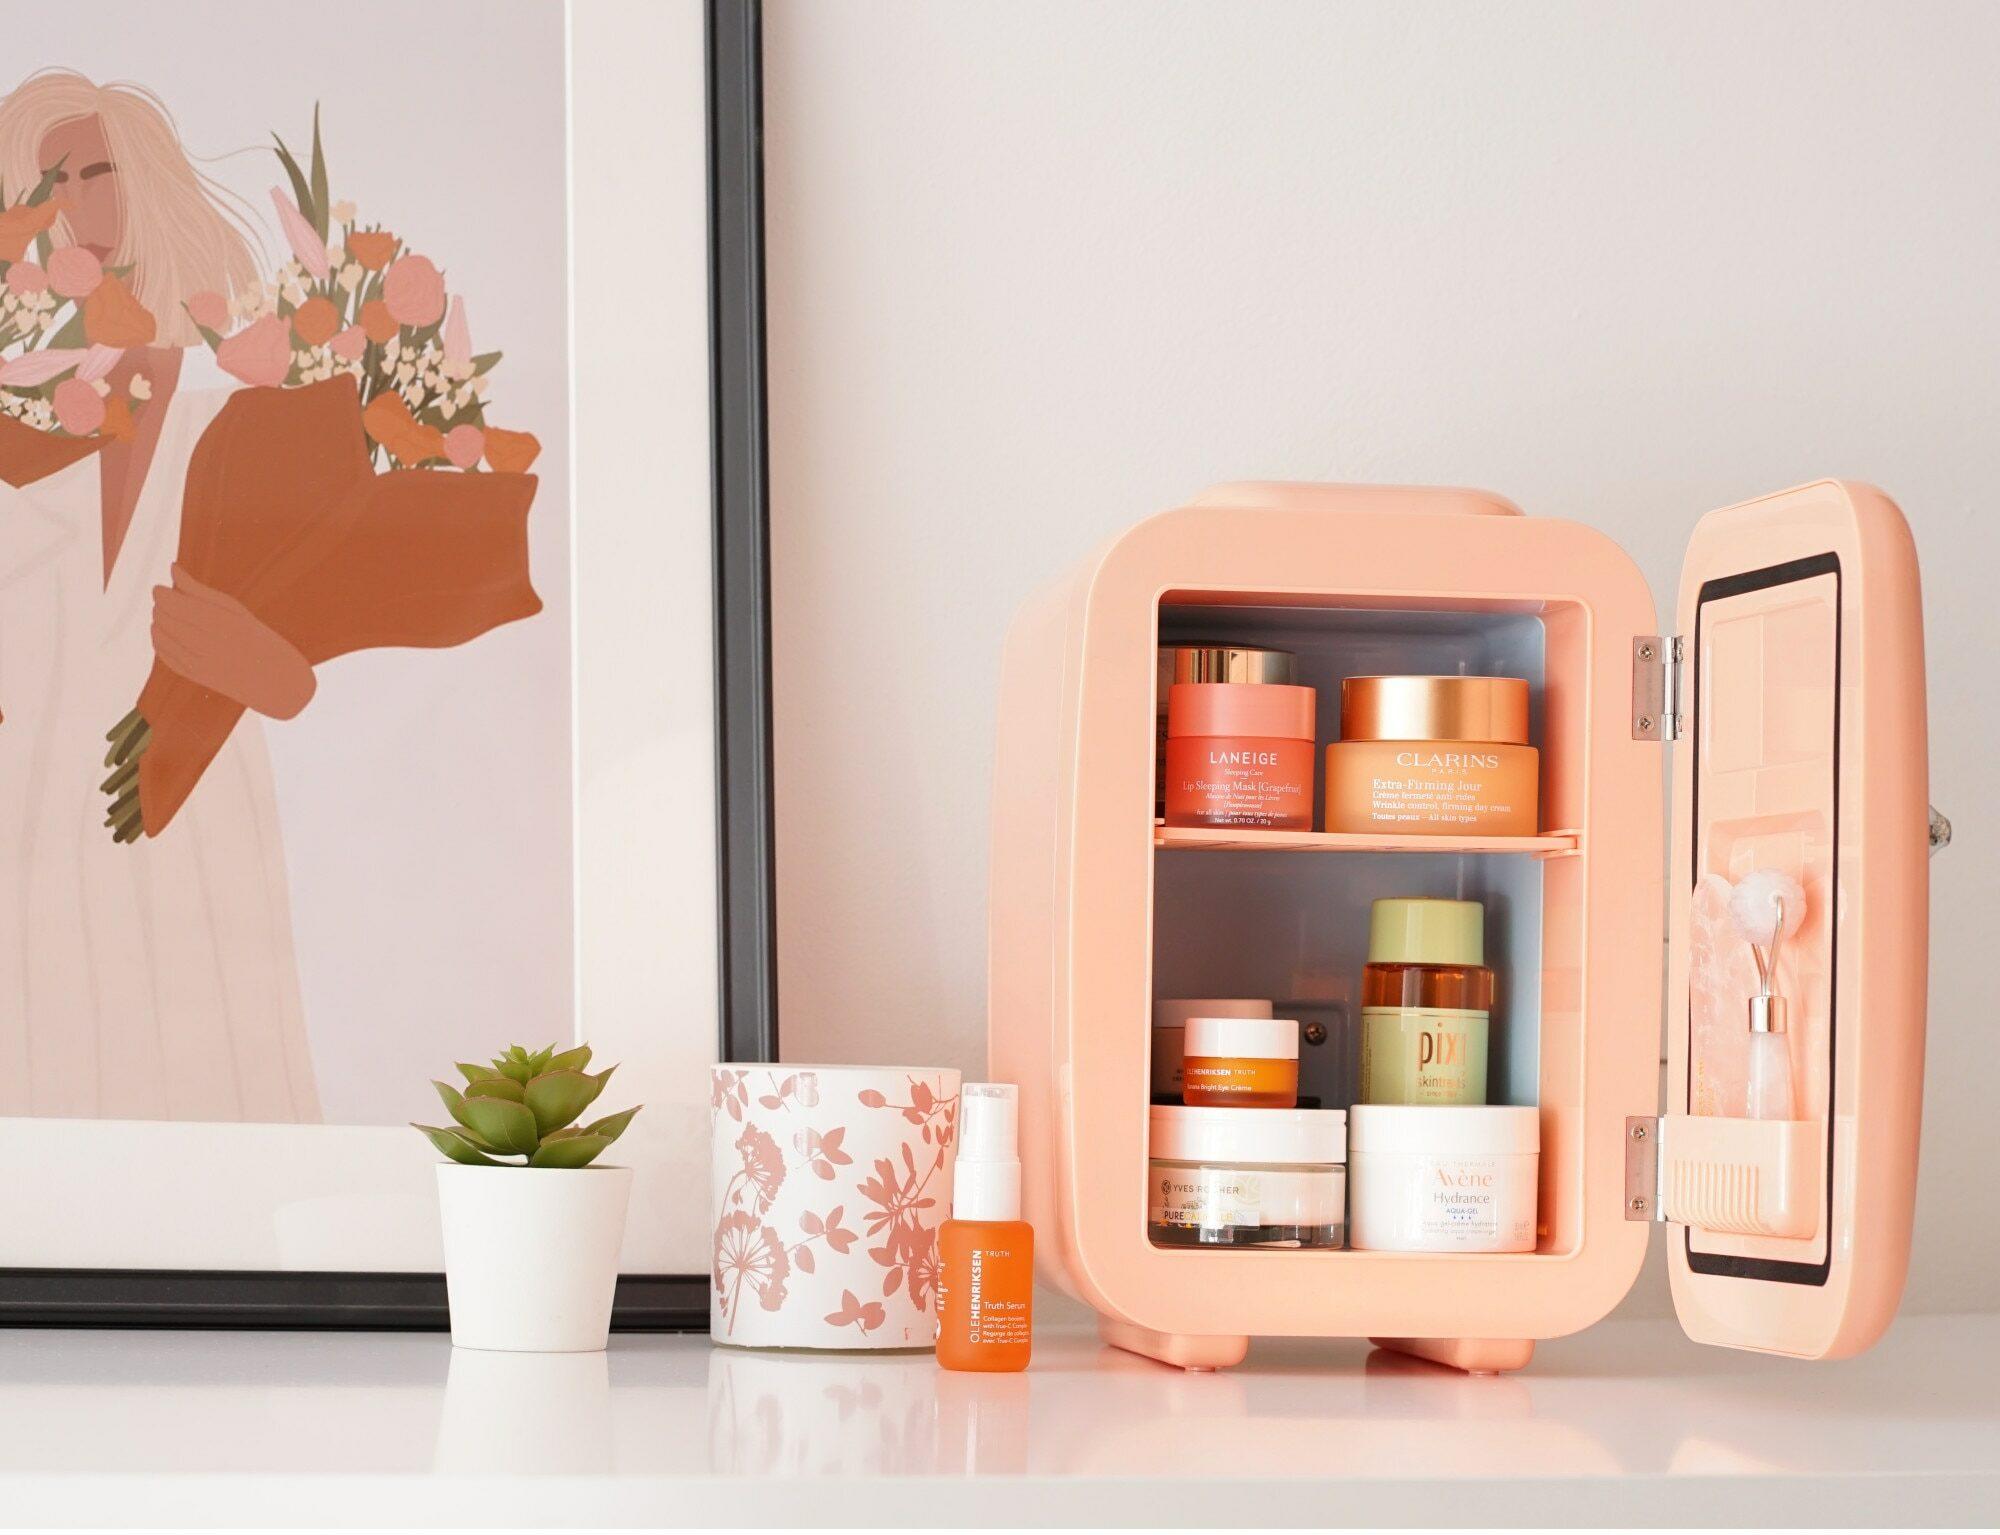 Cele mai bune mini frigidere cosmetice